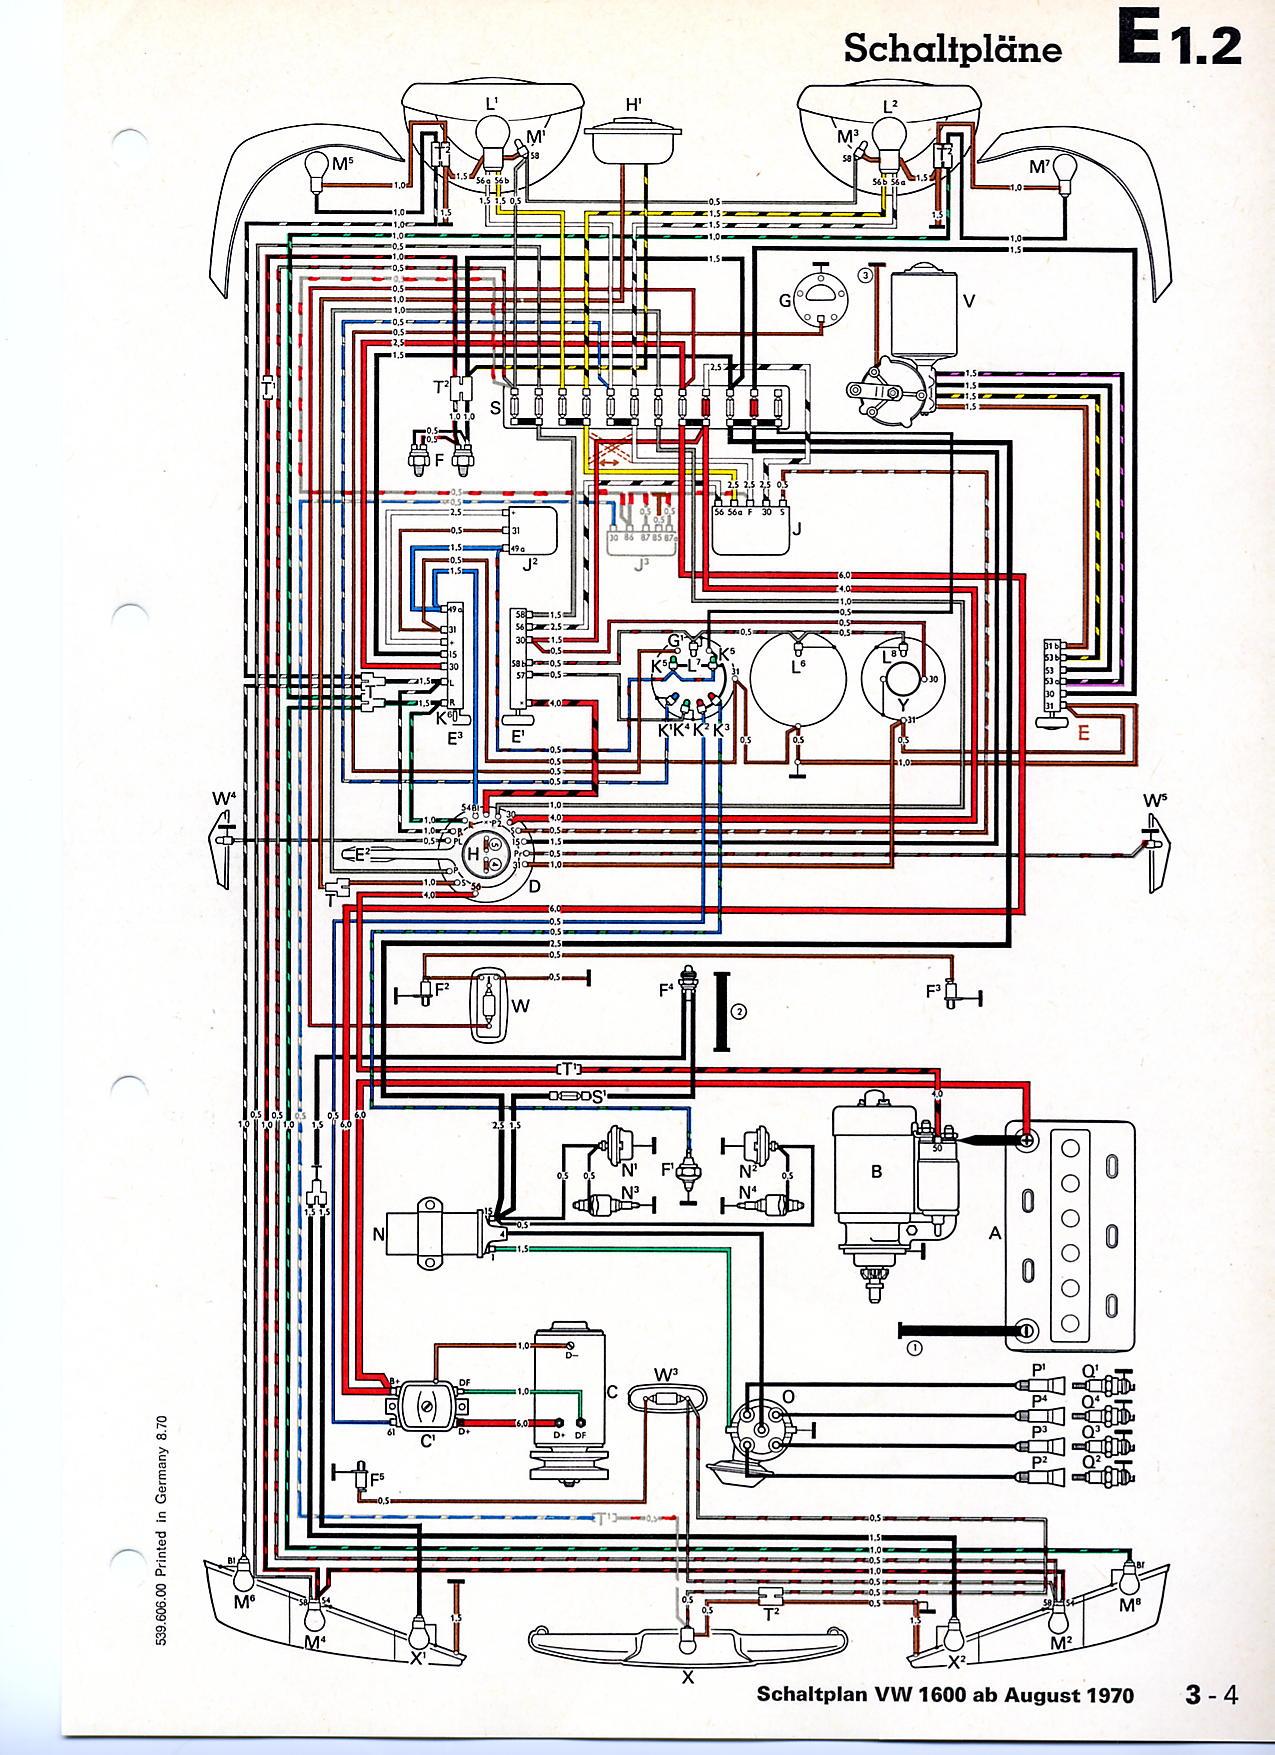 Ibanez Rg321mh Wiring Diagram Jeffdoedesign Rg321 Rg550 Images Af75 28